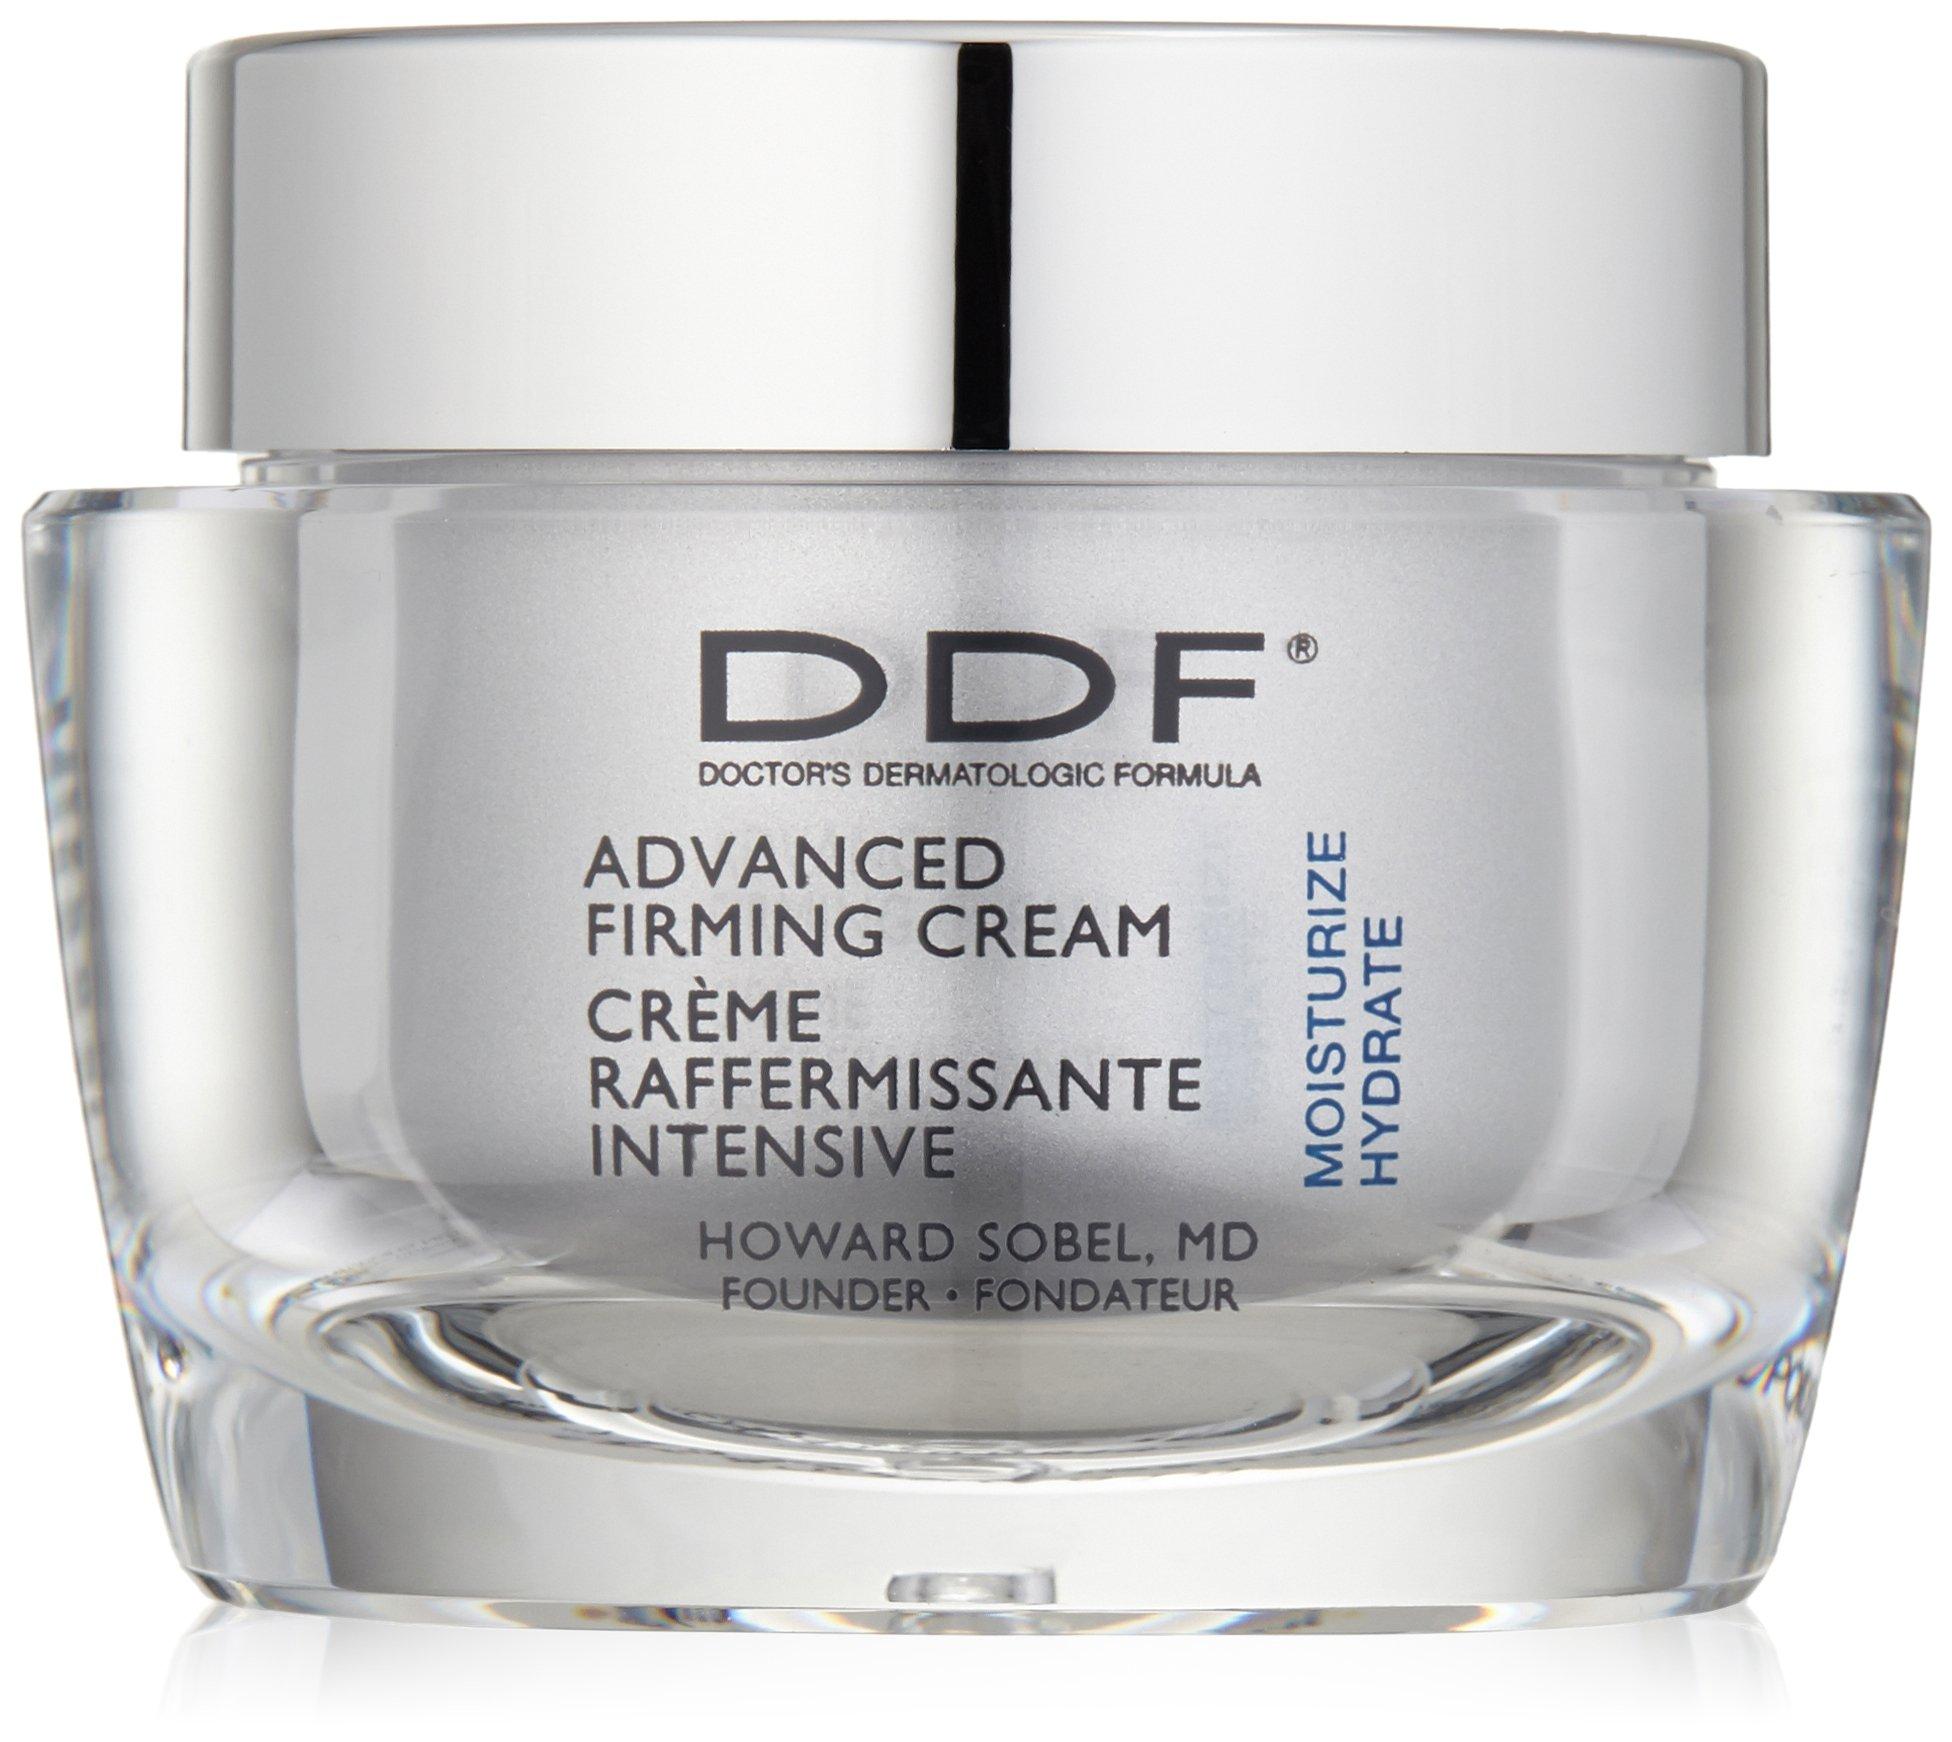 DDF Advanced Firming Cream, 1.7 Oz